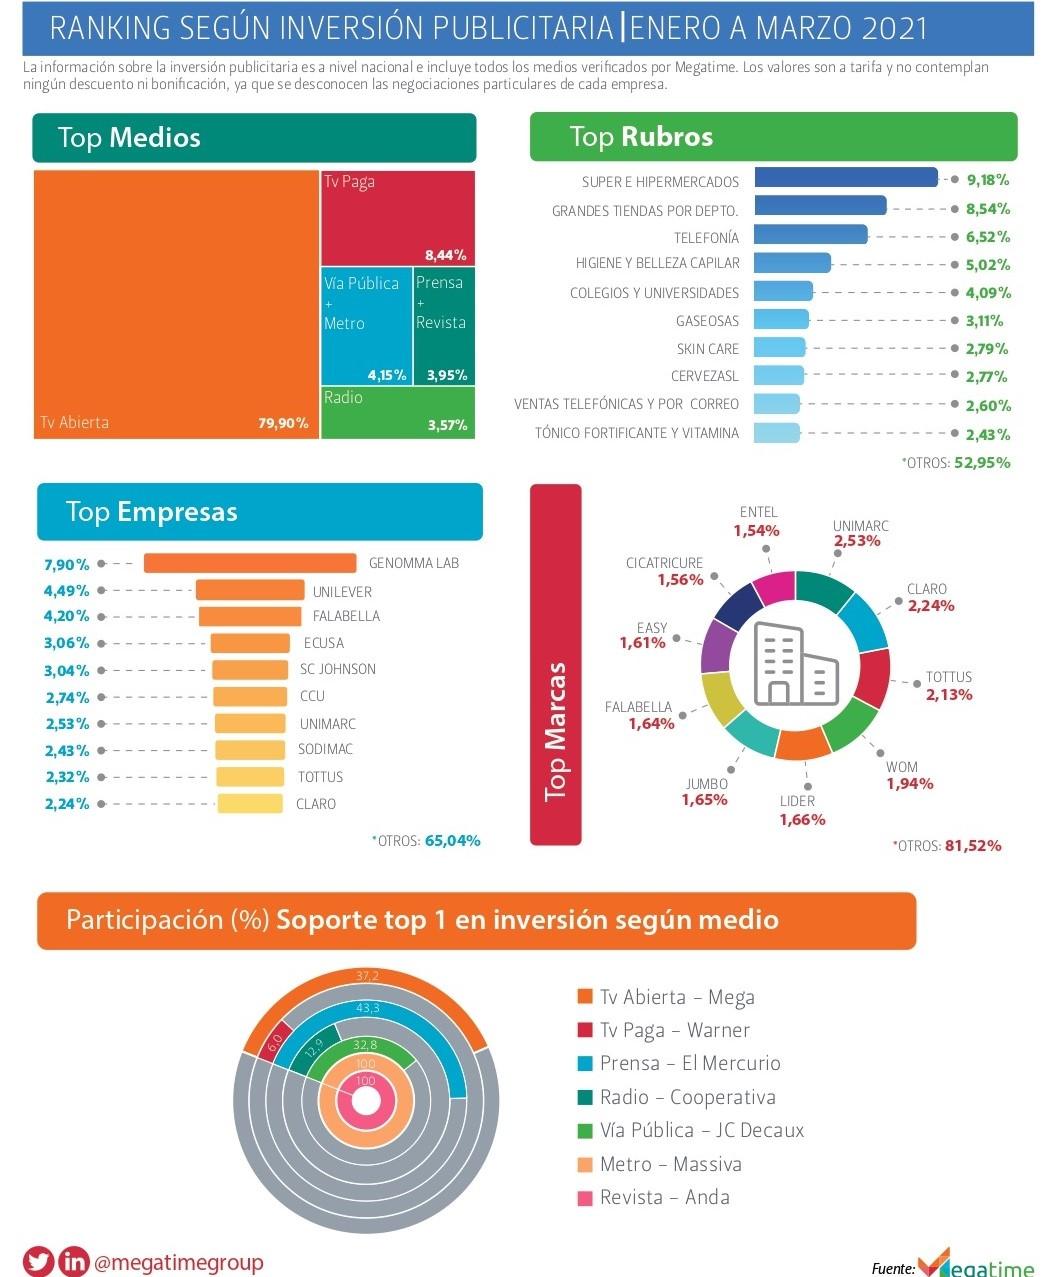 Ranking según inversión publicitaria Enero a Marzo 2021